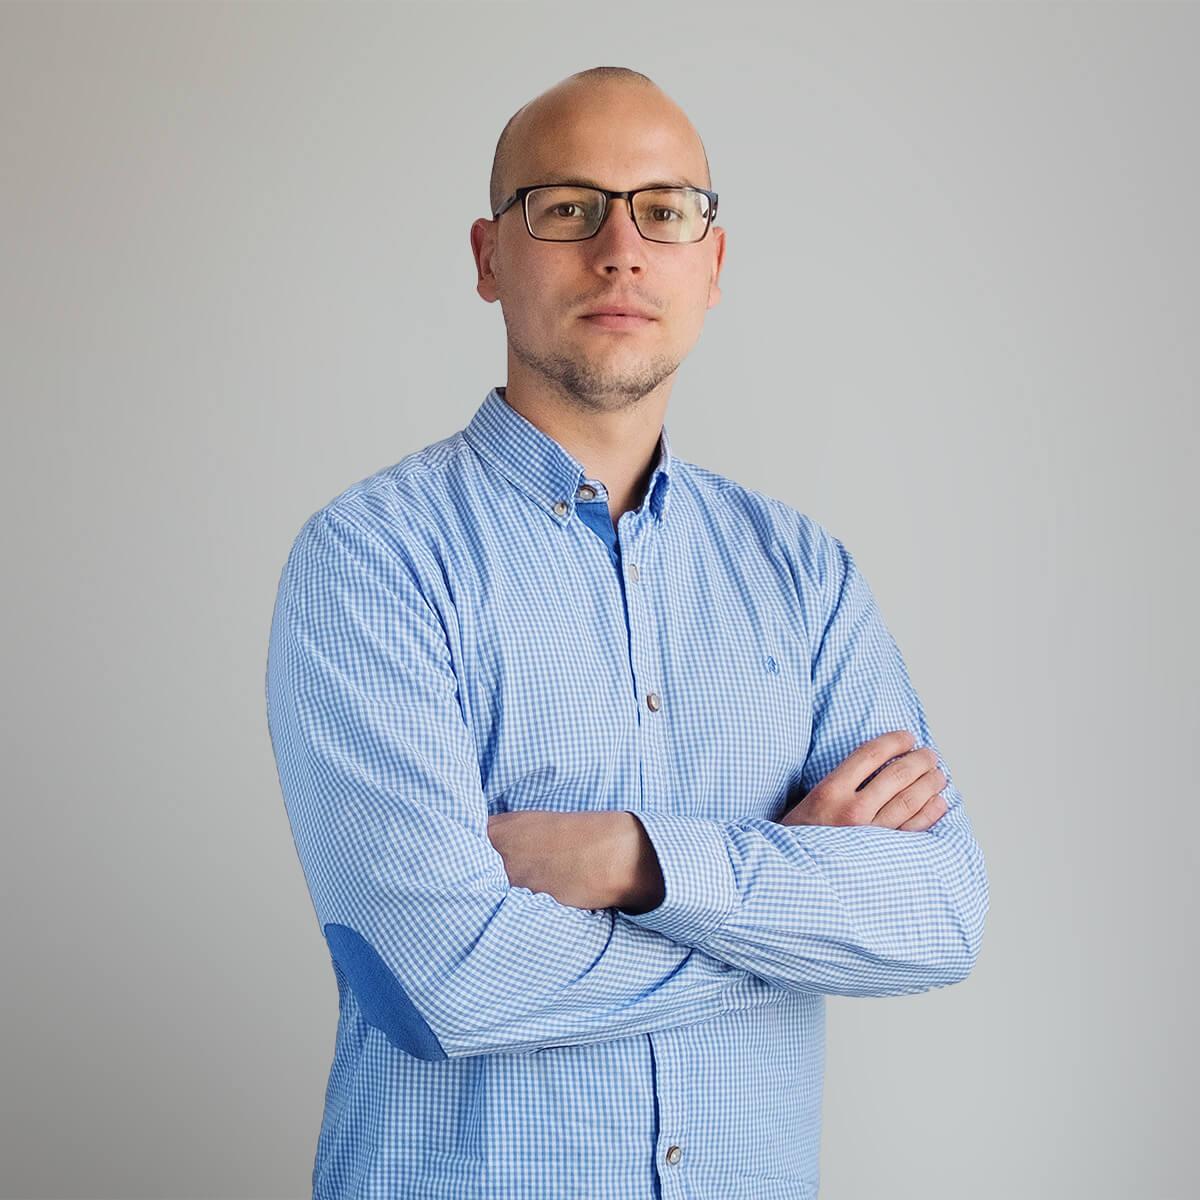 Daniel Kuśmierzak